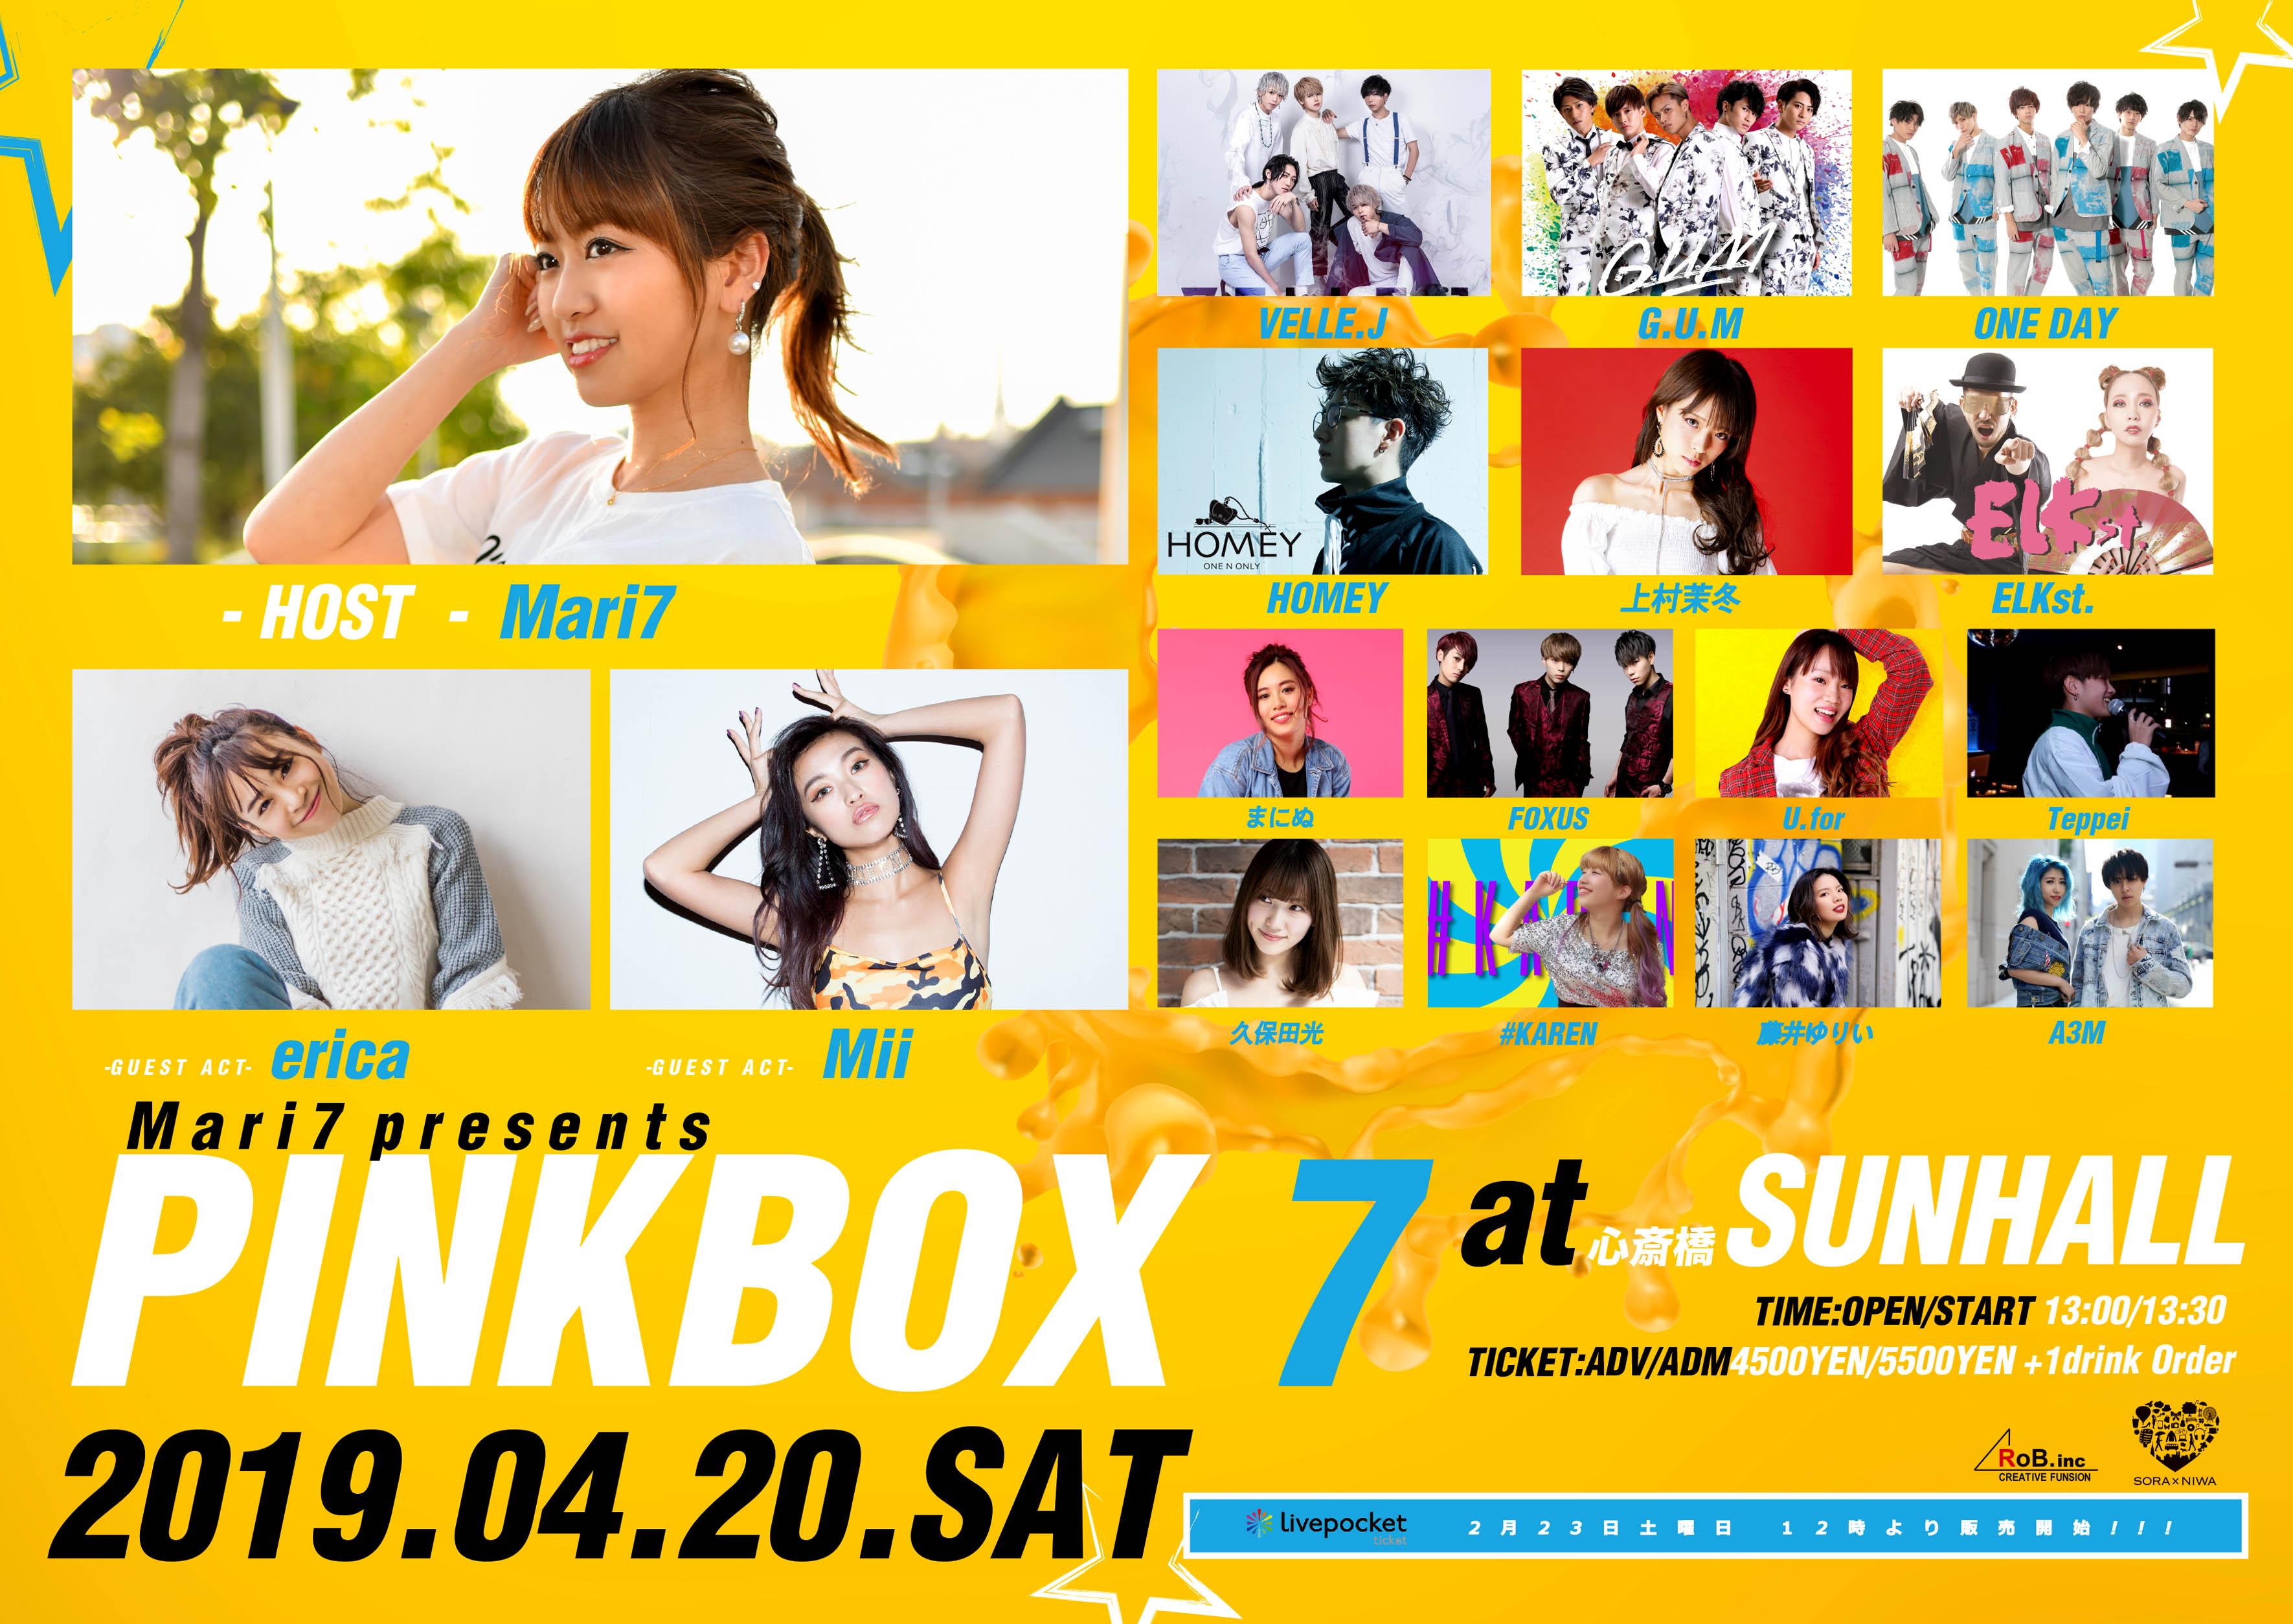 """-Mari7 presents-""""PINKBOX 7"""